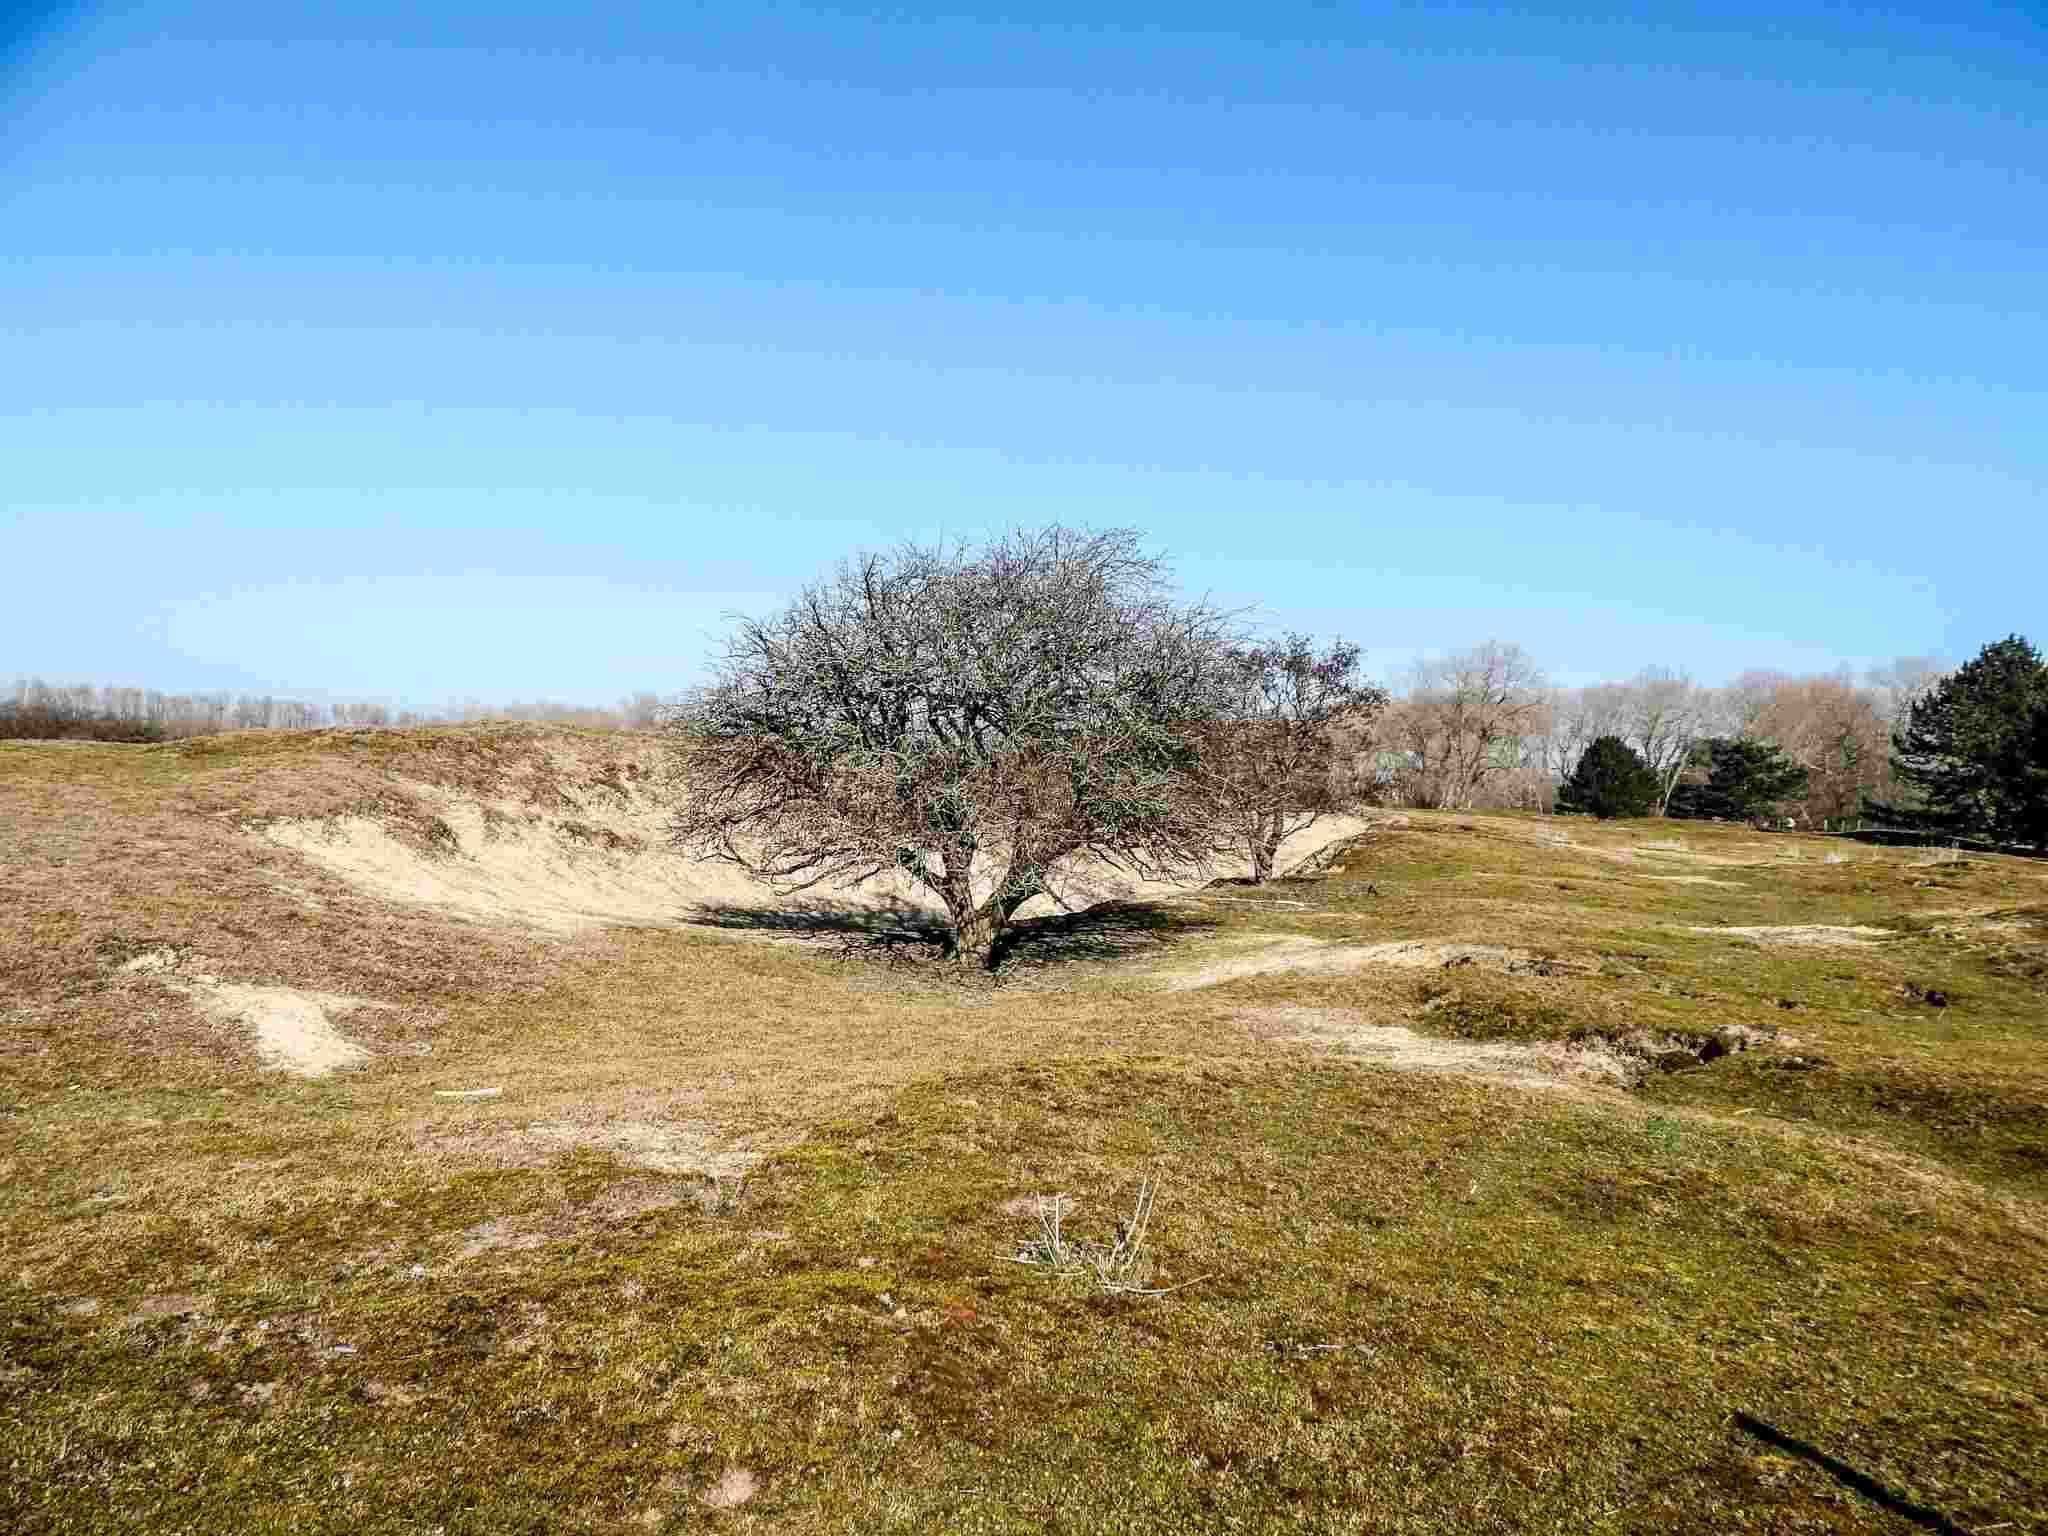 La dune fossile de Ghyvelde en France. Dscn1521